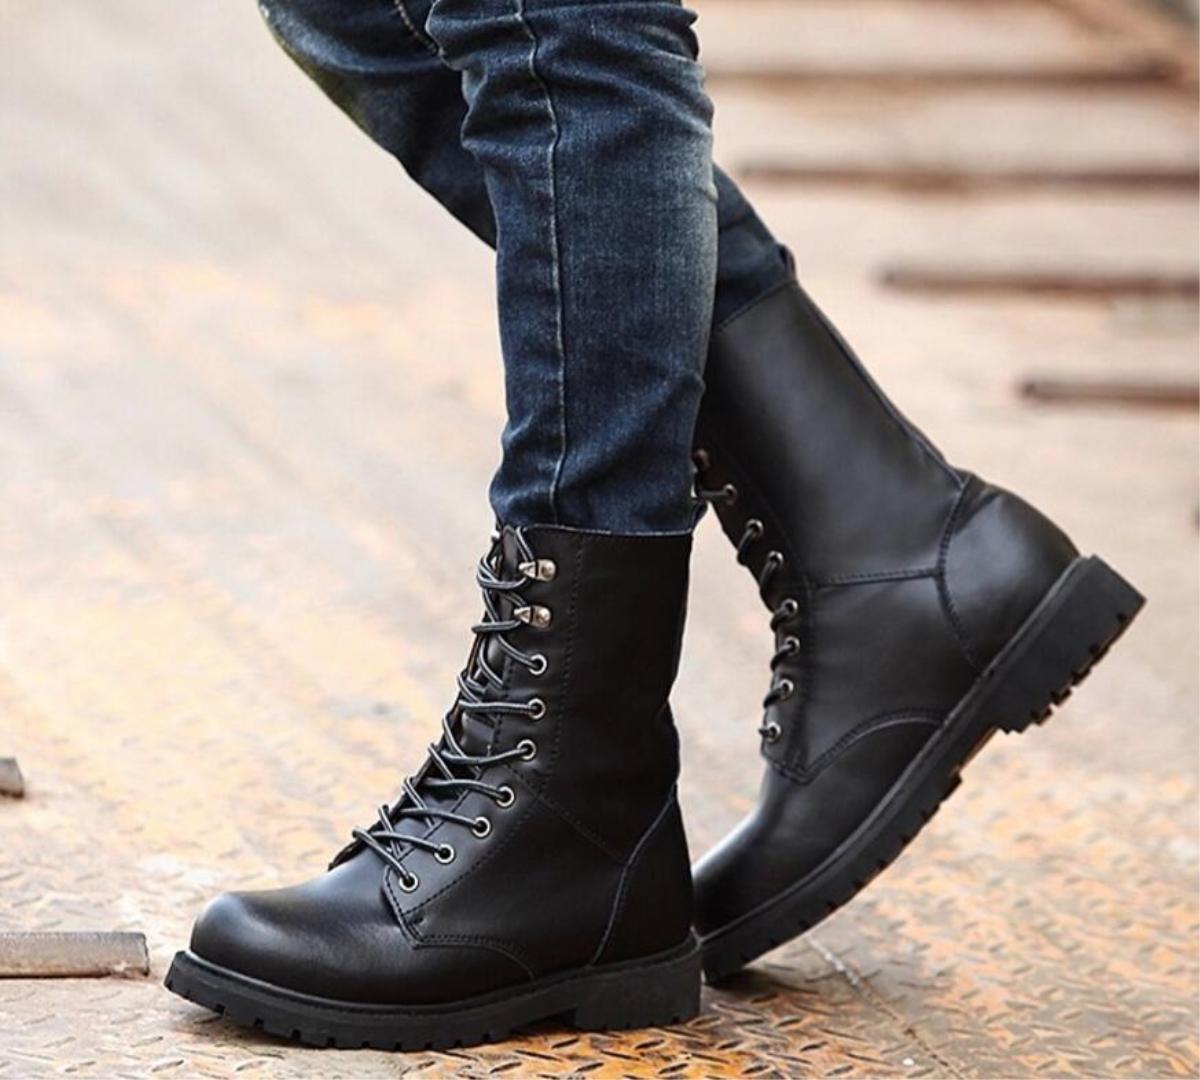 Neue Leder Herrenschuhe Outdoor Freizeit Warm Fashion Fashion Fashion High-Help Stiefel Schwarz   Braun  42 42e787